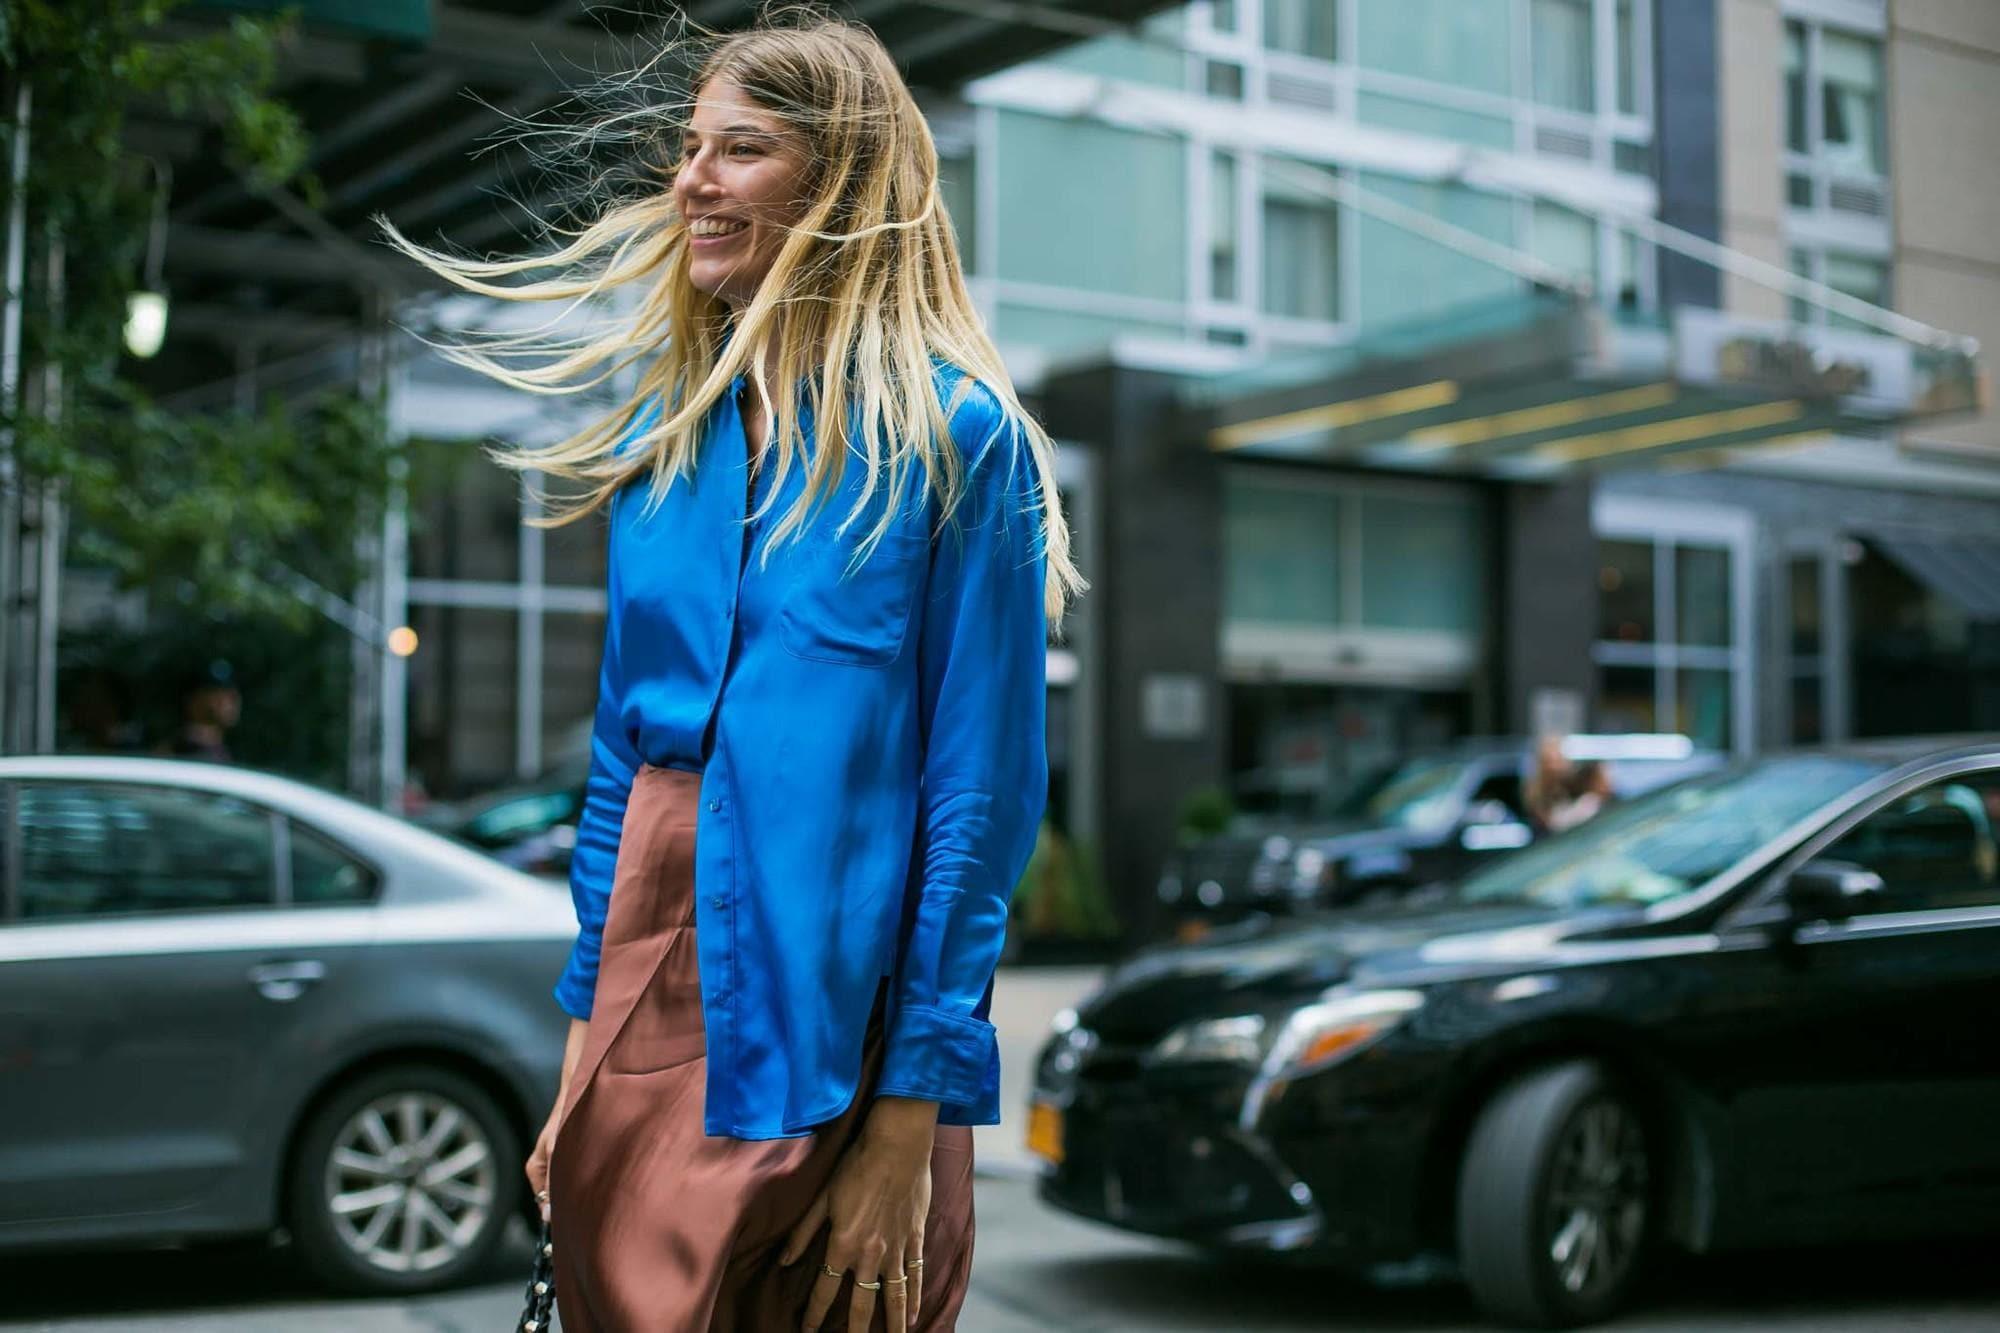 Mujer de melena rubia lacia, con el cabello agitado por el viento